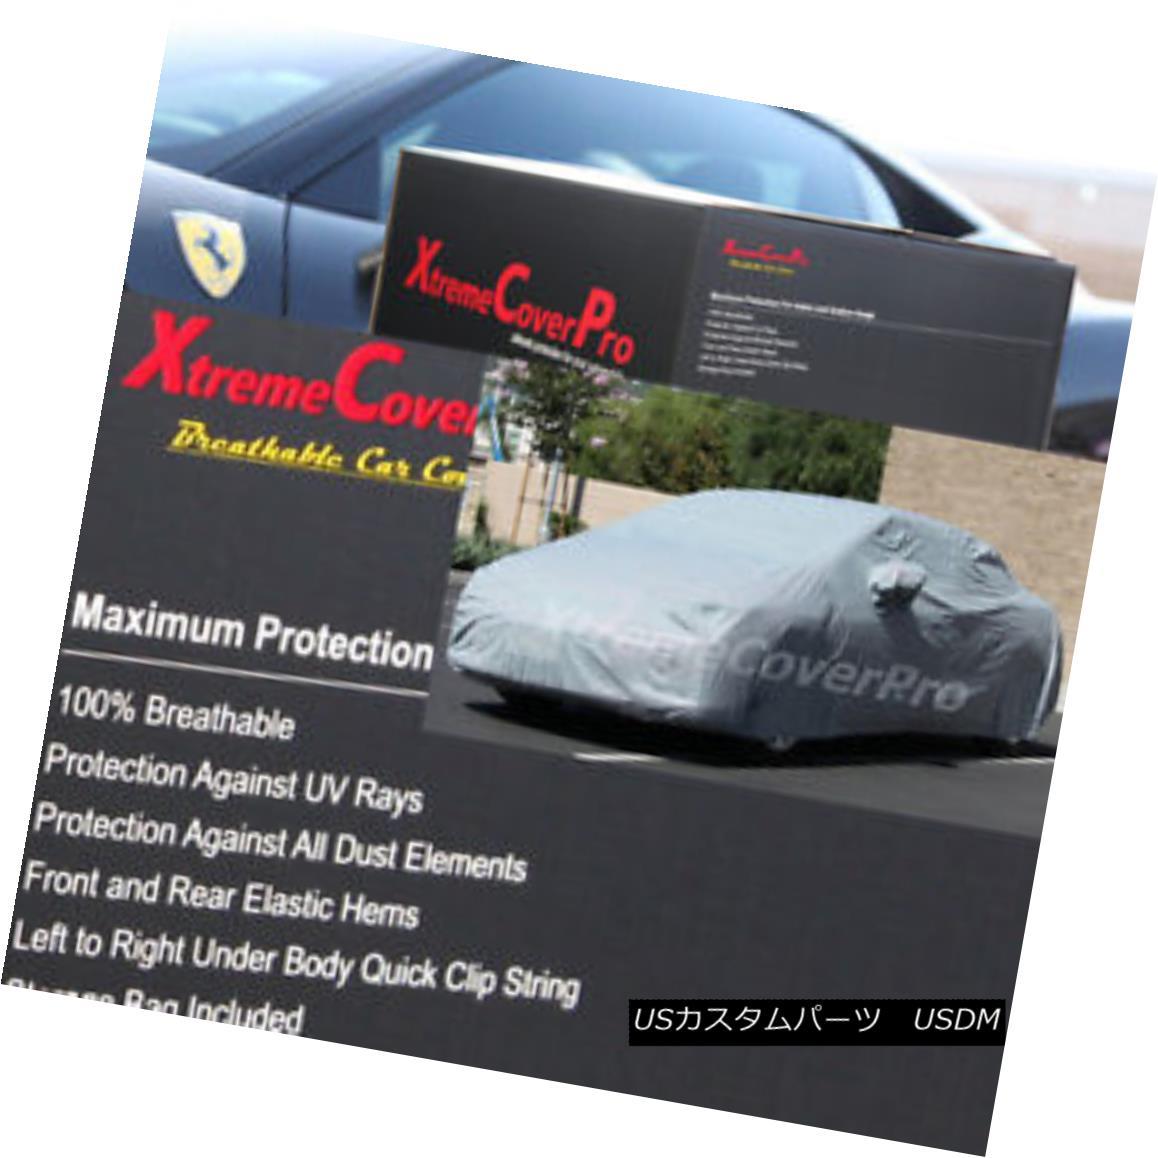 カーカバー 2004 2005 Subaru Impreza STI w/ STI spioler Breathable Car Cover w/MirrorPocket 2004 2005スバルインプレッサSTI / STIスポイラー通気性車カバー/ミラーポケット